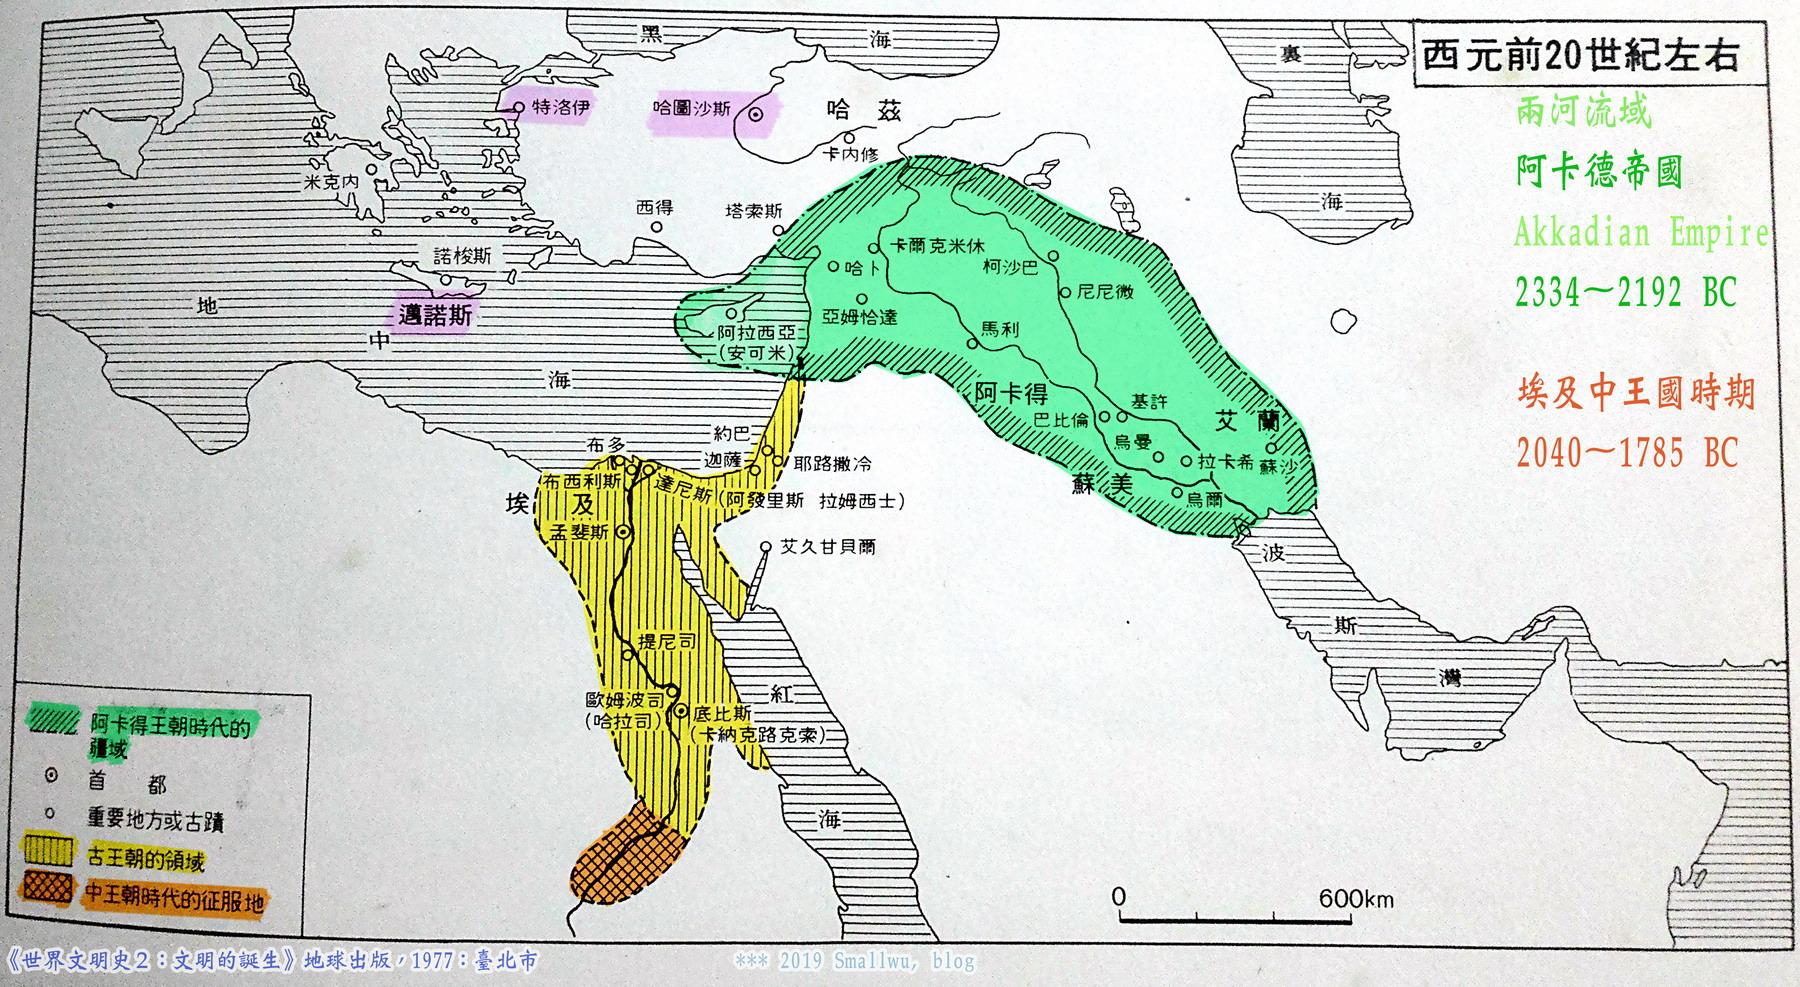 世界文明史2-文明的誕生-07 埃及古文朝與中王朝, 兩河流域-阿卡德王朝.jpg